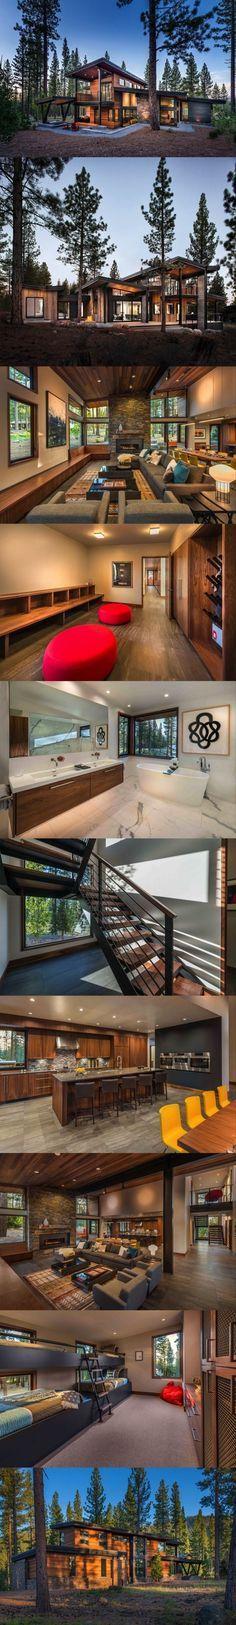 Imagínate todos los espacios de tú casa campestre, descríbenos el diseño en nuestra página web www,Rkconstructions.weebly.com y nos pondremos en contacto para darte la mejor propuesta